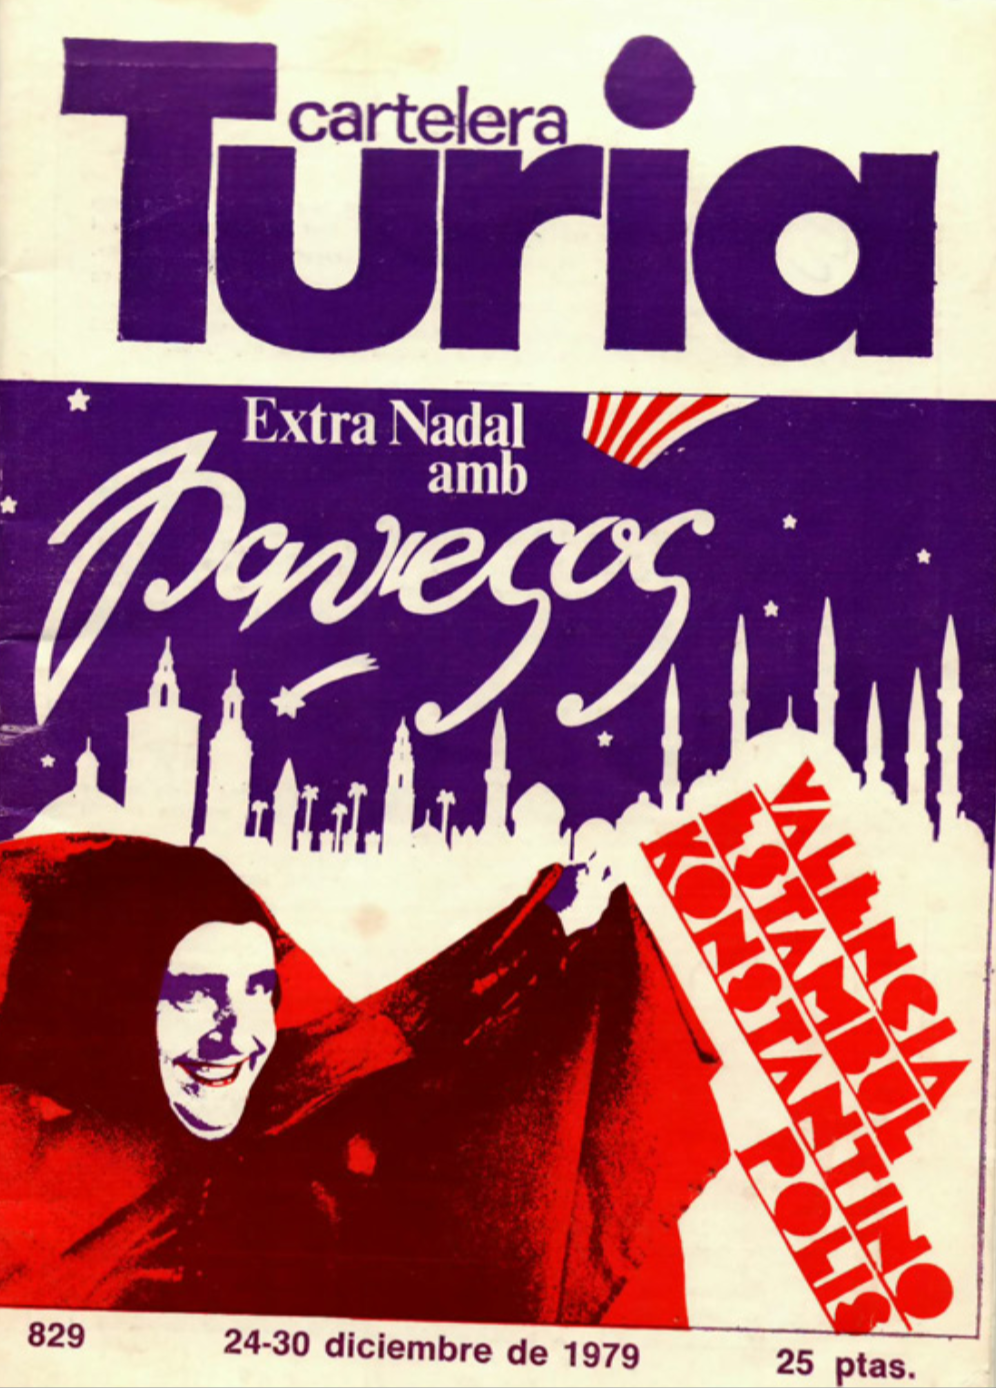 1979 Pavesos València Estambul Konstantinopolis Turia 24 desembre